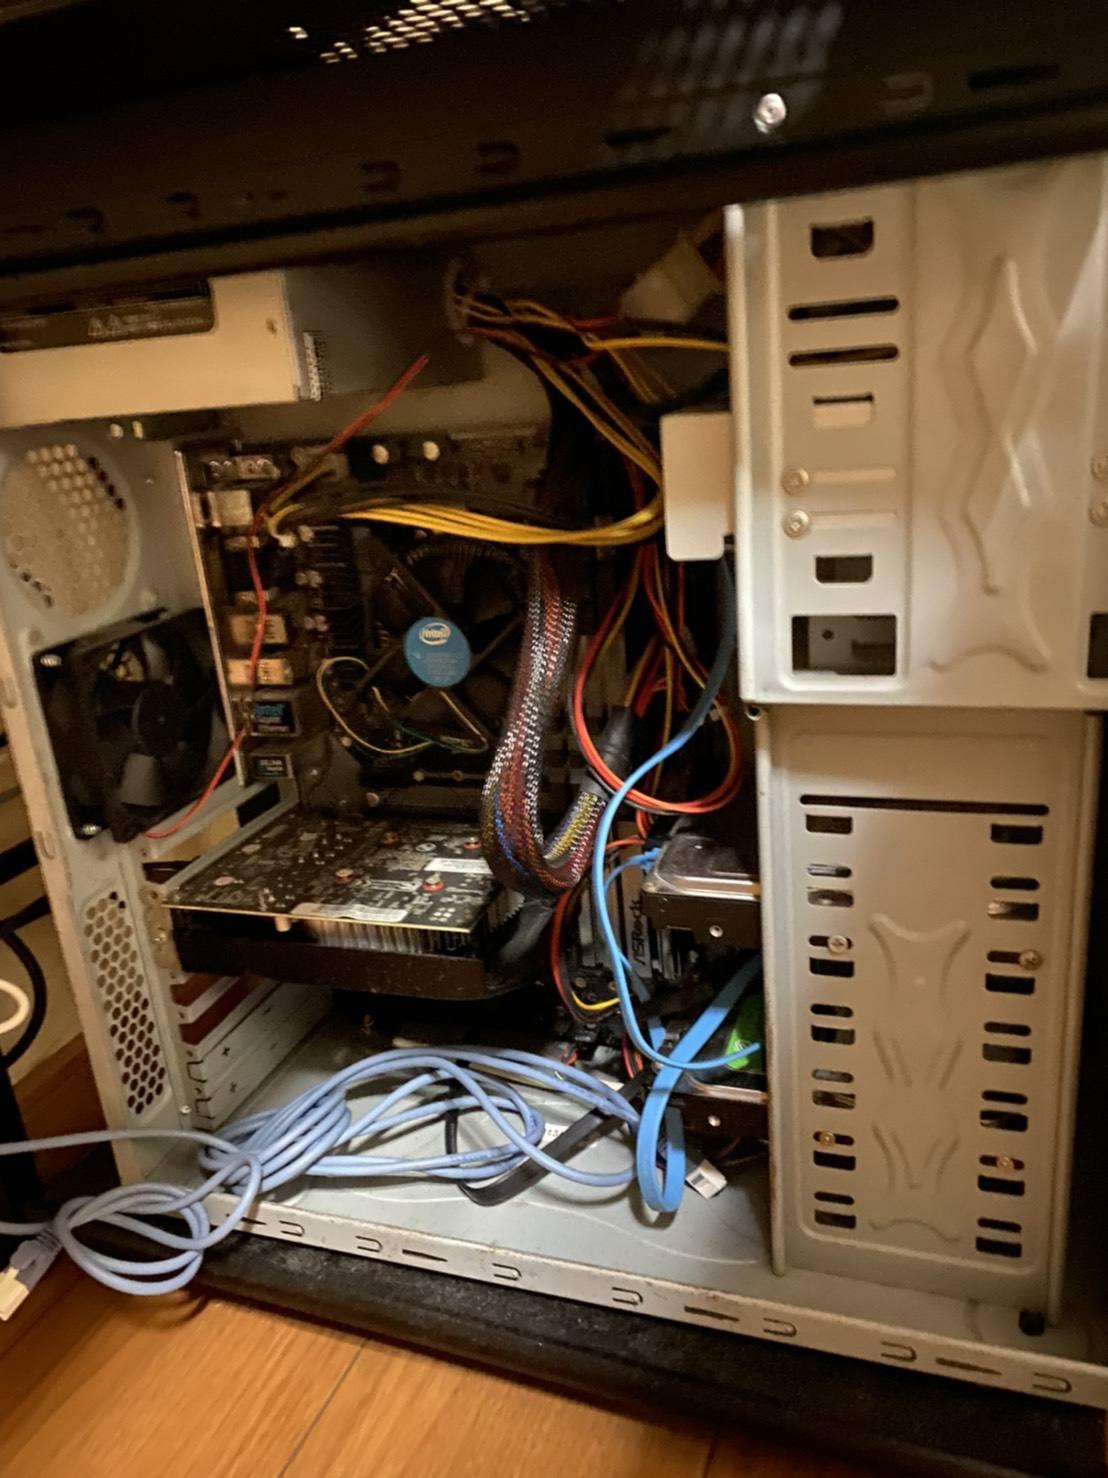 初期に自作した自作PCが発掘された。